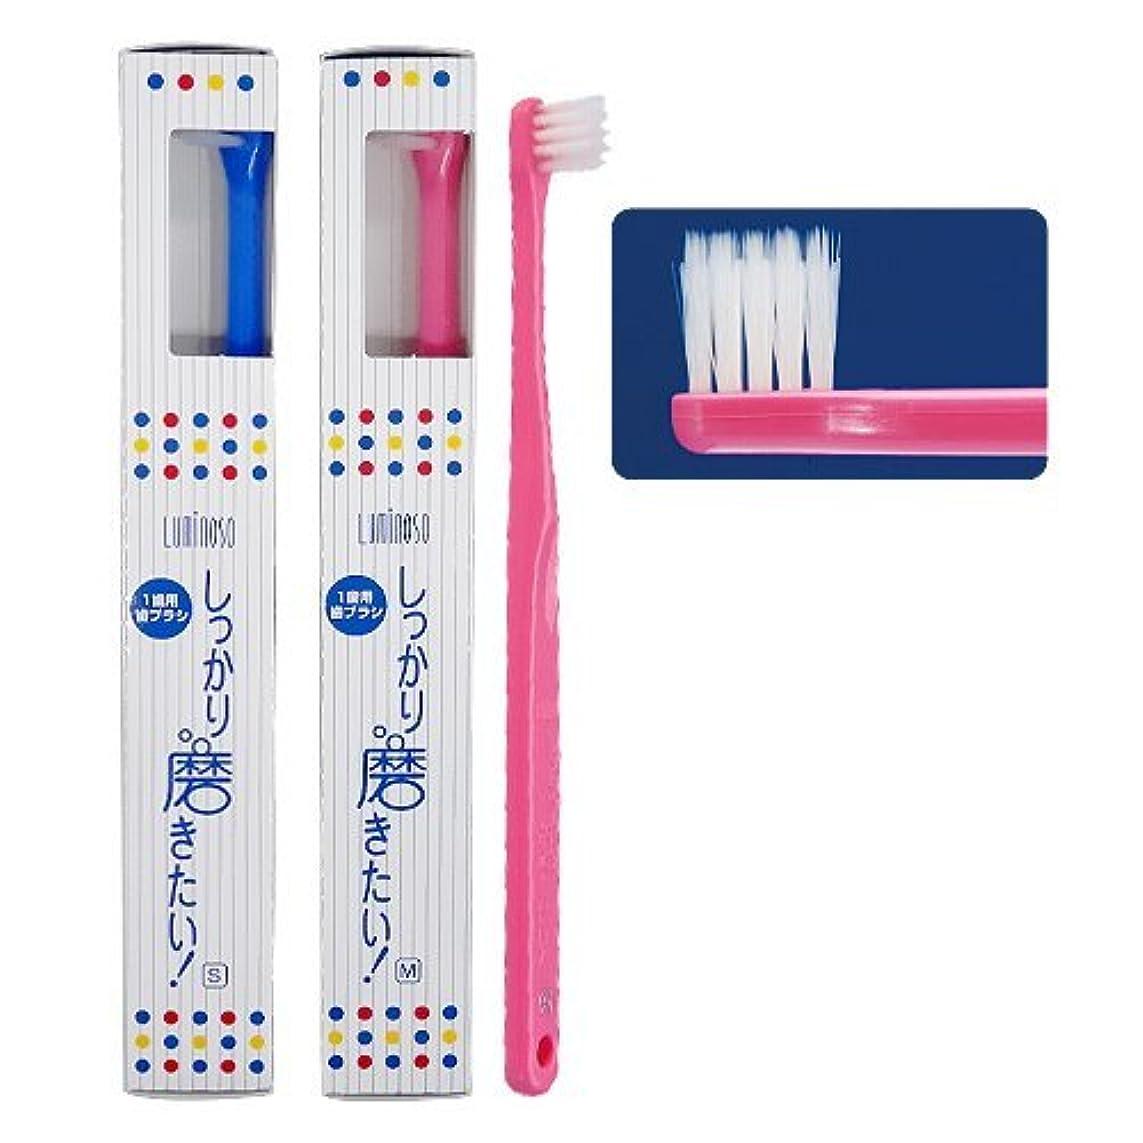 しかしながら肉屋かわすルミノソ 1歯用歯ブラシ「しっかり磨きたい!」スタンダード ミディアム (カラー指定不可) 5本